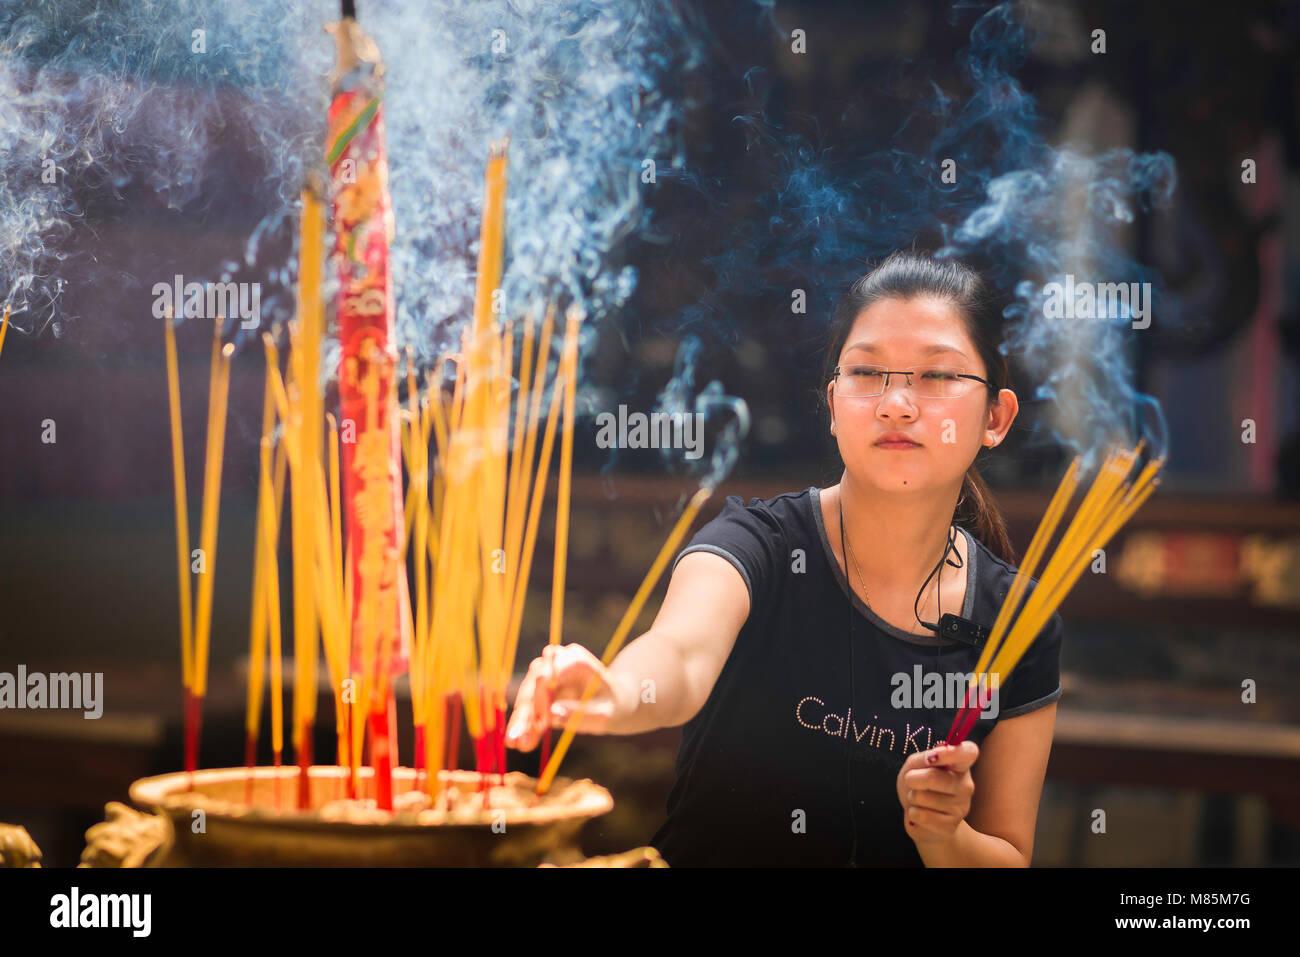 Frau Gebet Südostasien, Blick auf eine junge Frau in der Thien Hua Pagode beten (Tempel) in Cholon, Ho Chi Stockbild